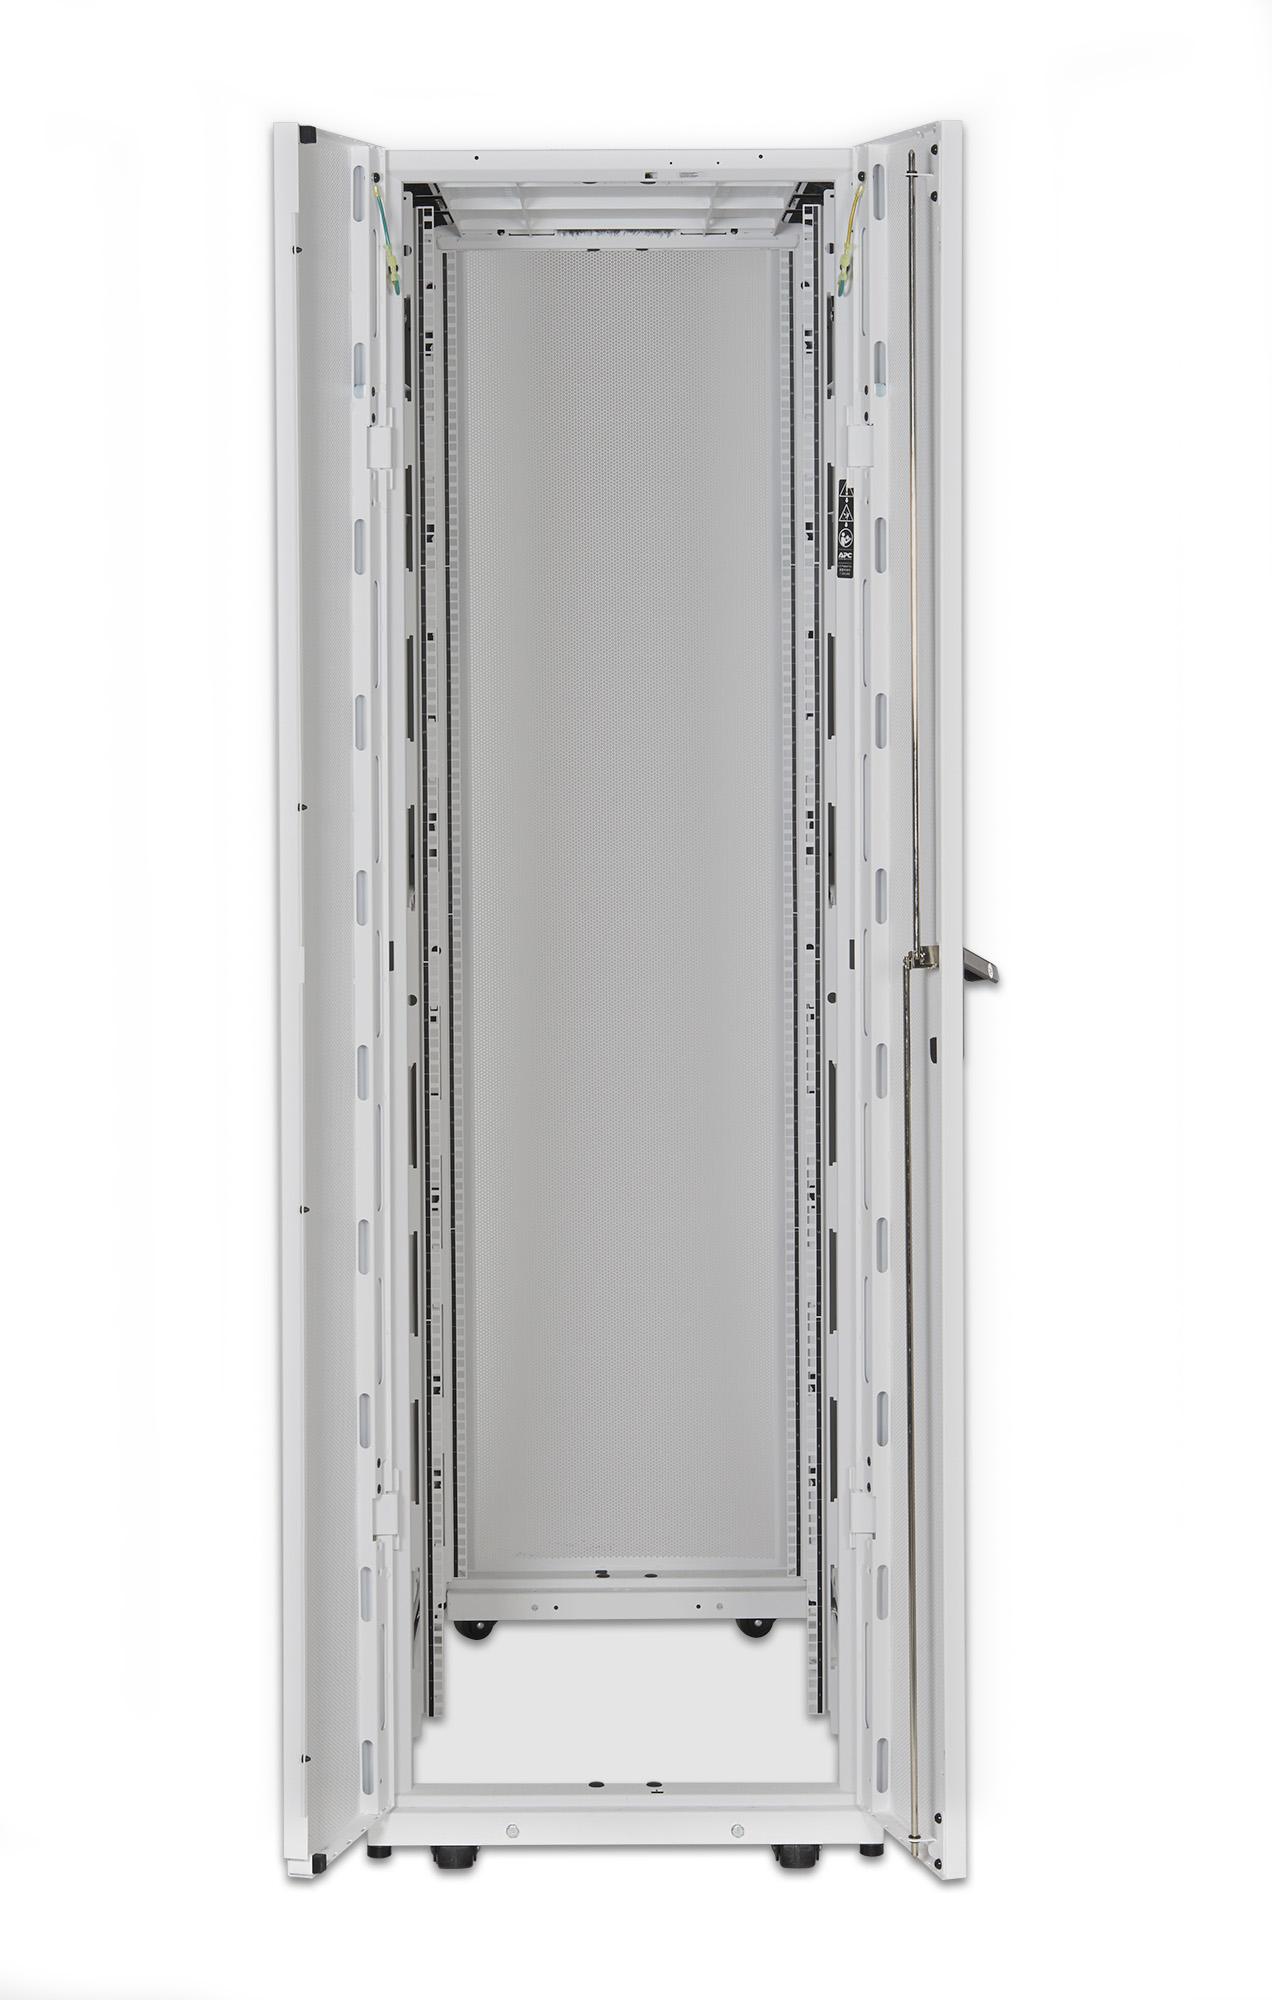 APC NetShelter SX - 42U - Freistehendes Gestell - 1704 kg - Grau - UL 2416 - UL 60950-1 RoHS REACH - 48,3 cm (19 Zoll)